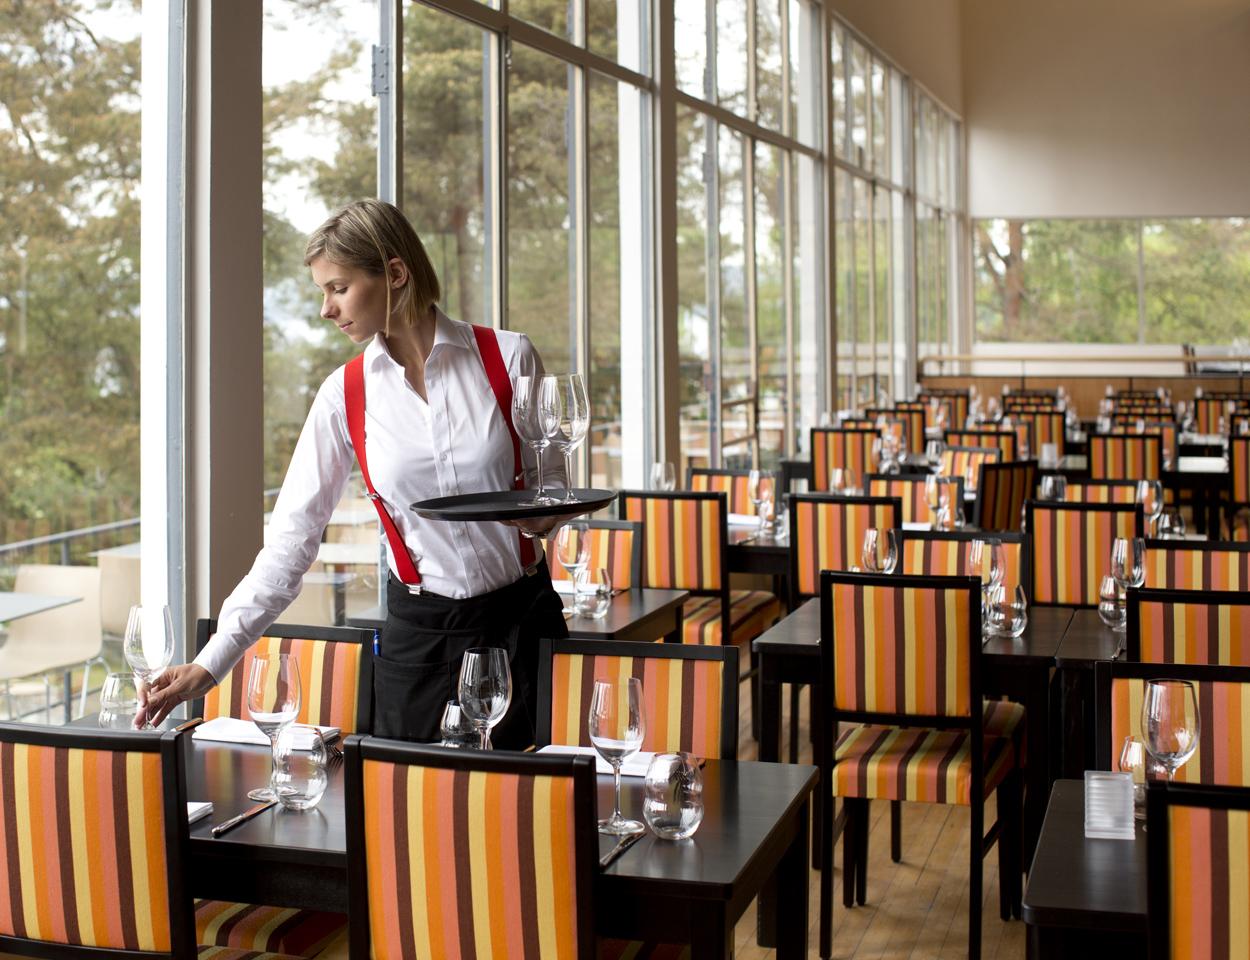 interiør restaurant4.jpg